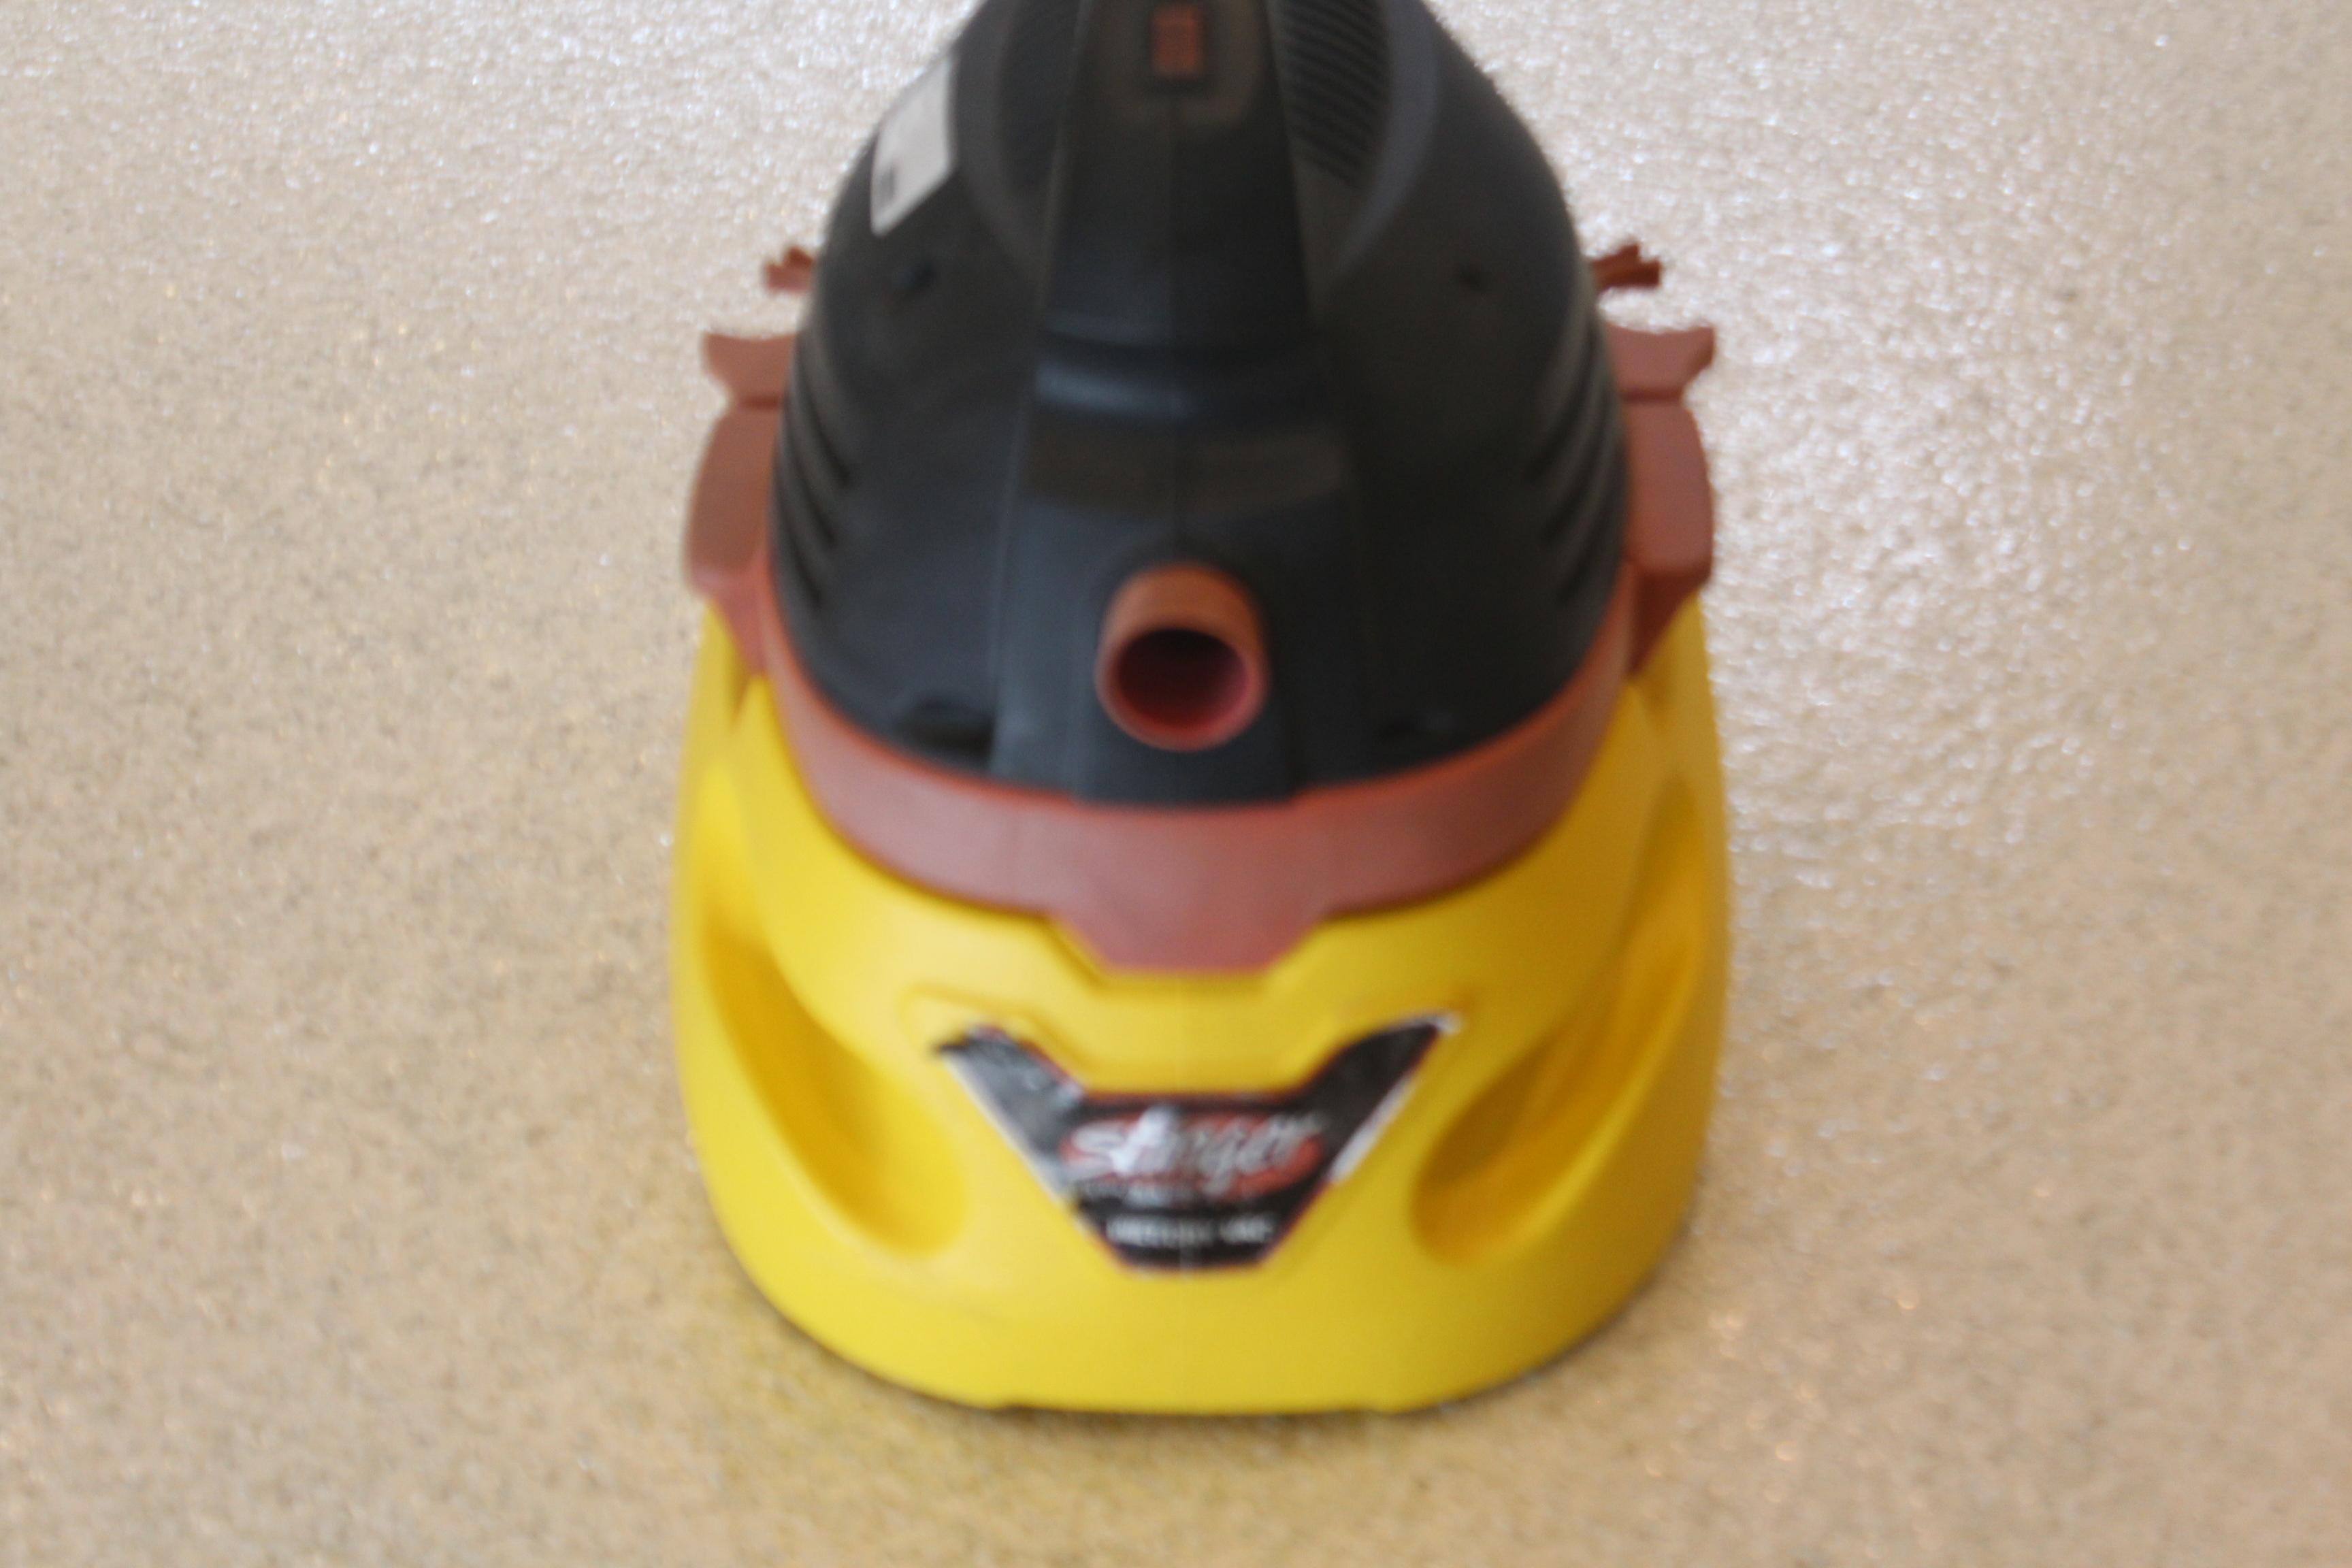 Stinger 5 Gallon Wet/Dry Vacuum